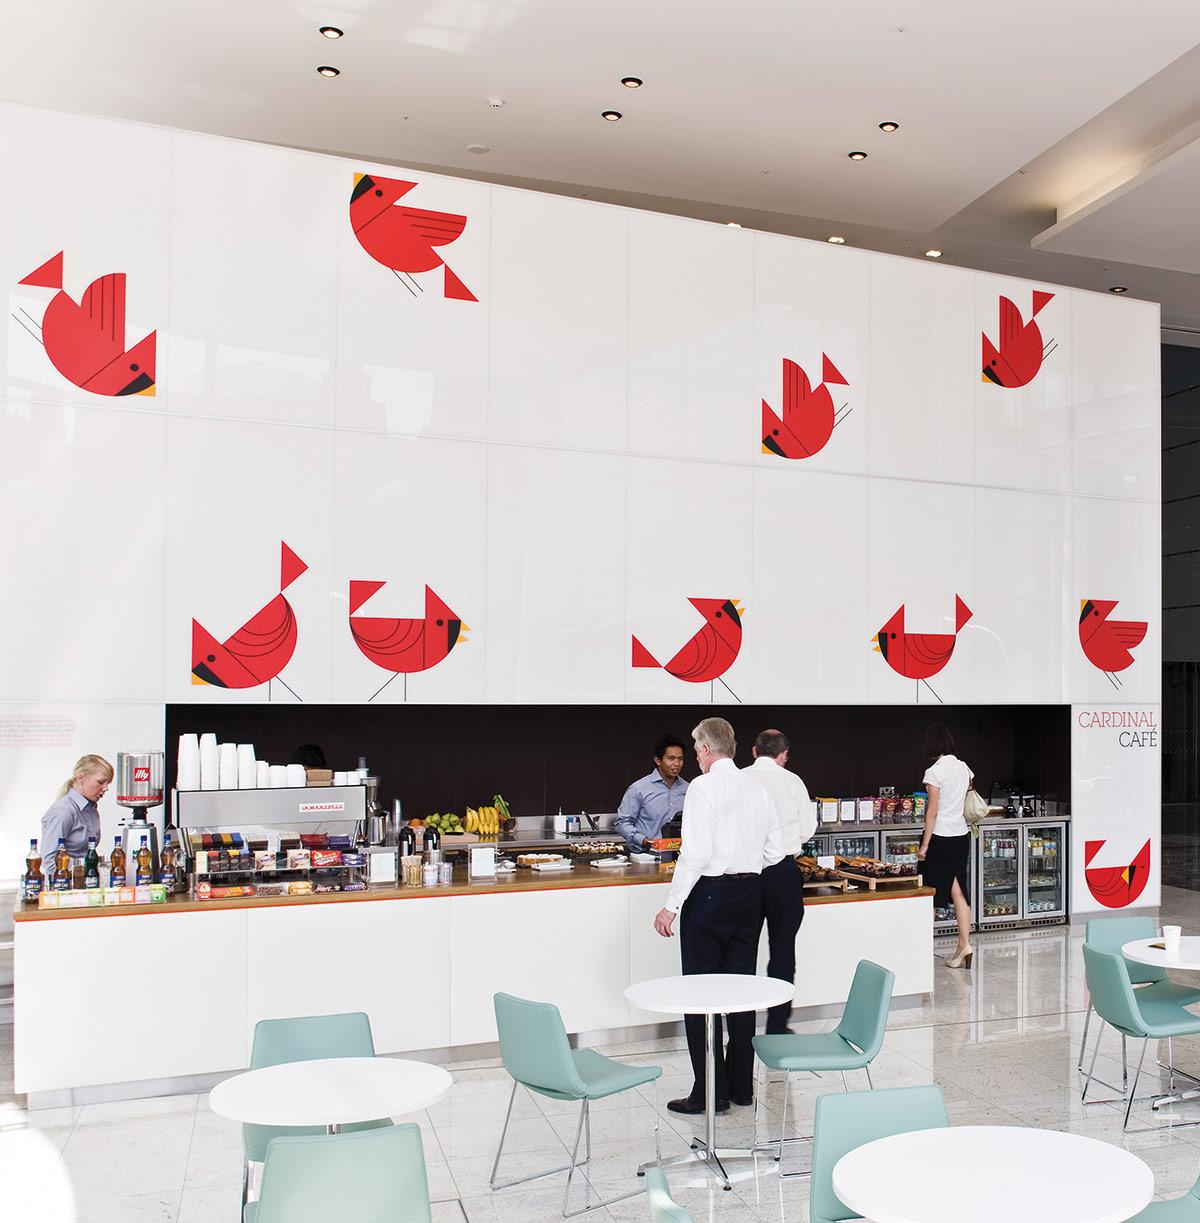 Cardinal Café. Designed by Hat-Trick Design. @enviromeant.com